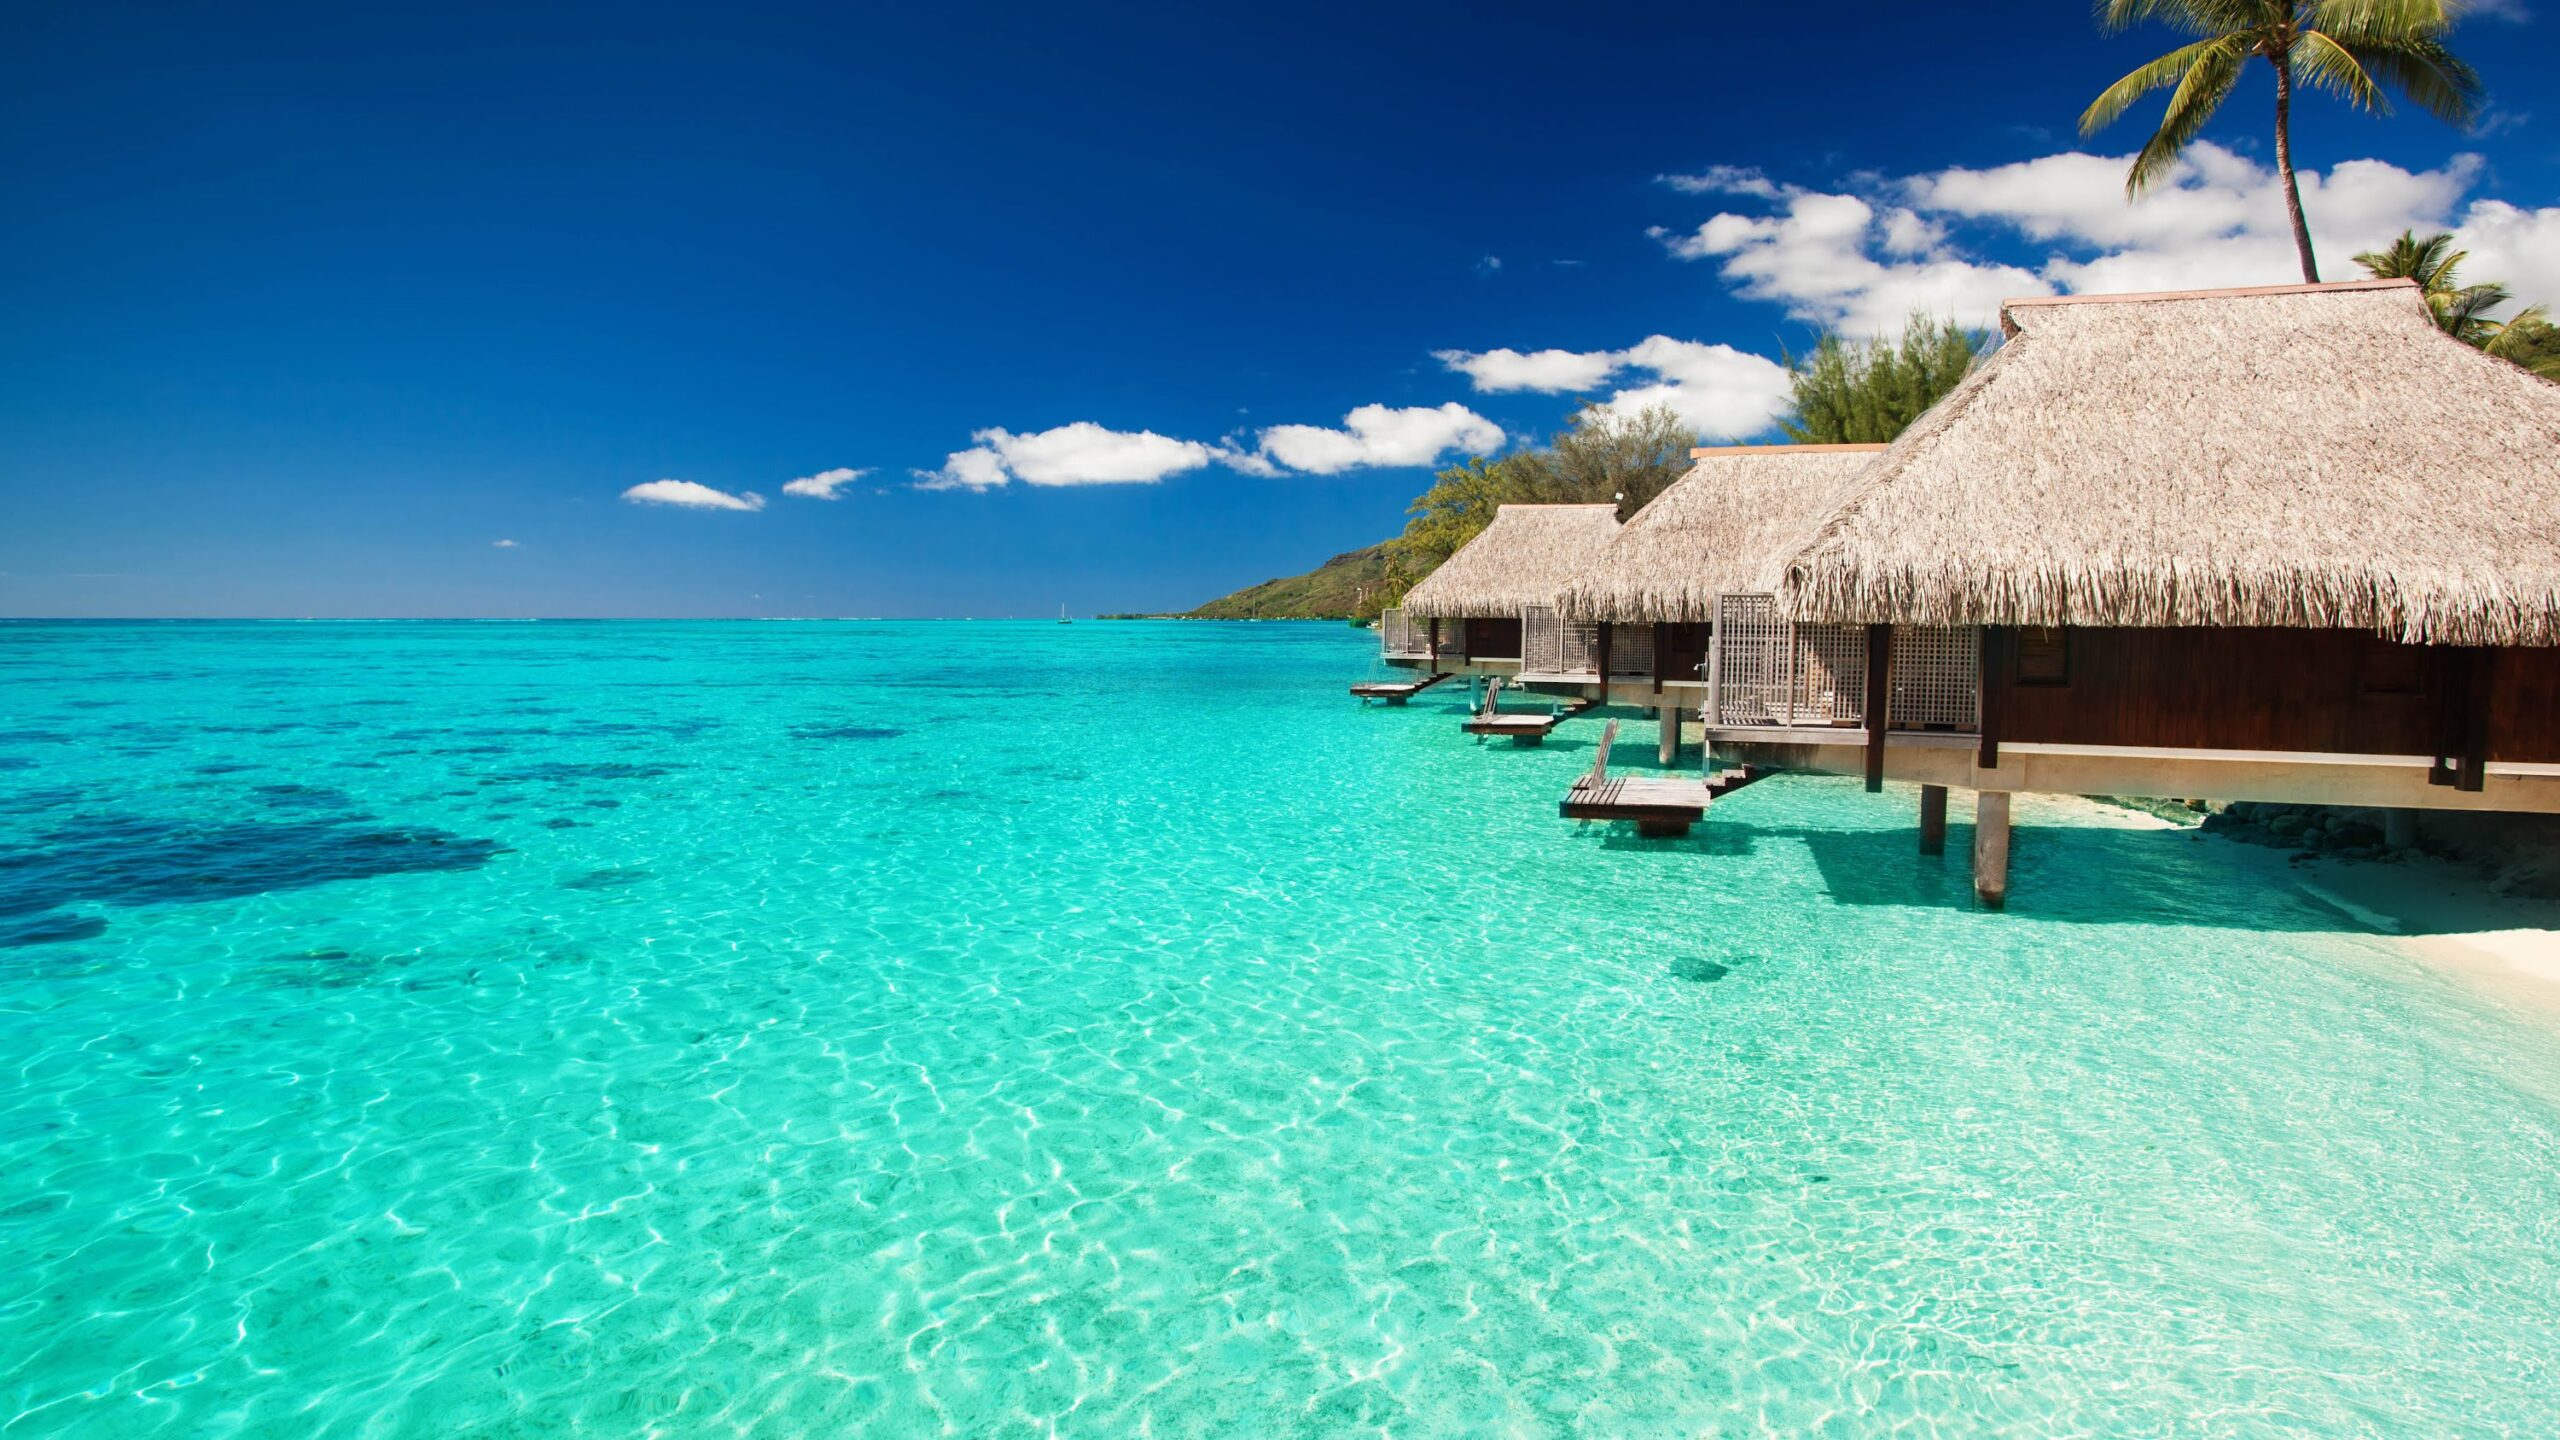 Мальдивы. Актуальные правила въезда